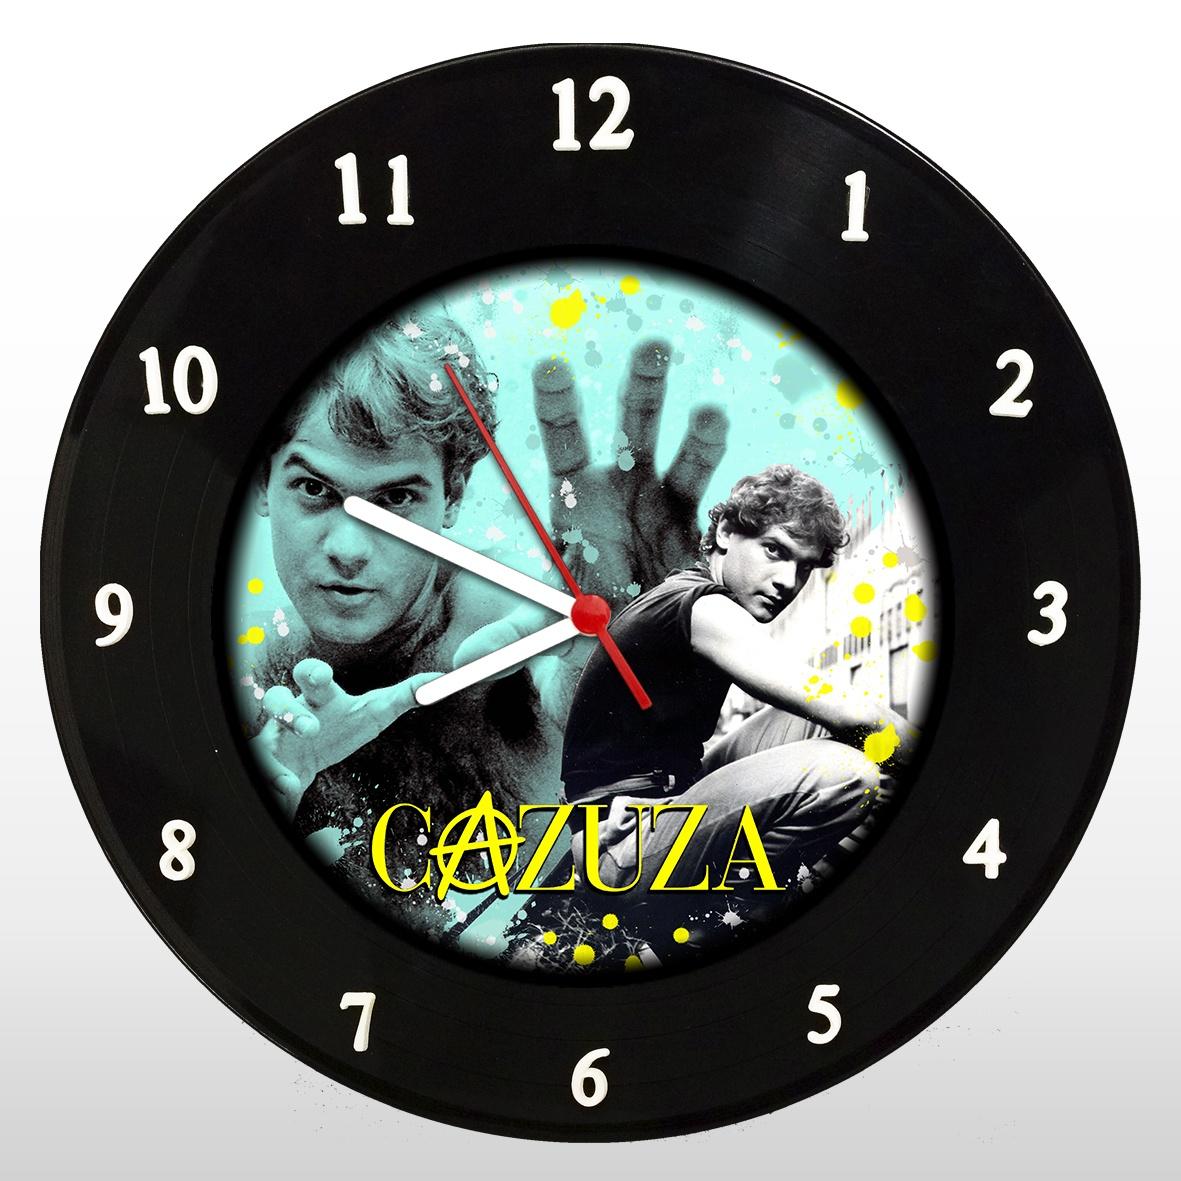 Relógio de Parede em Disco de Vinil Mr. Rock Cazuza